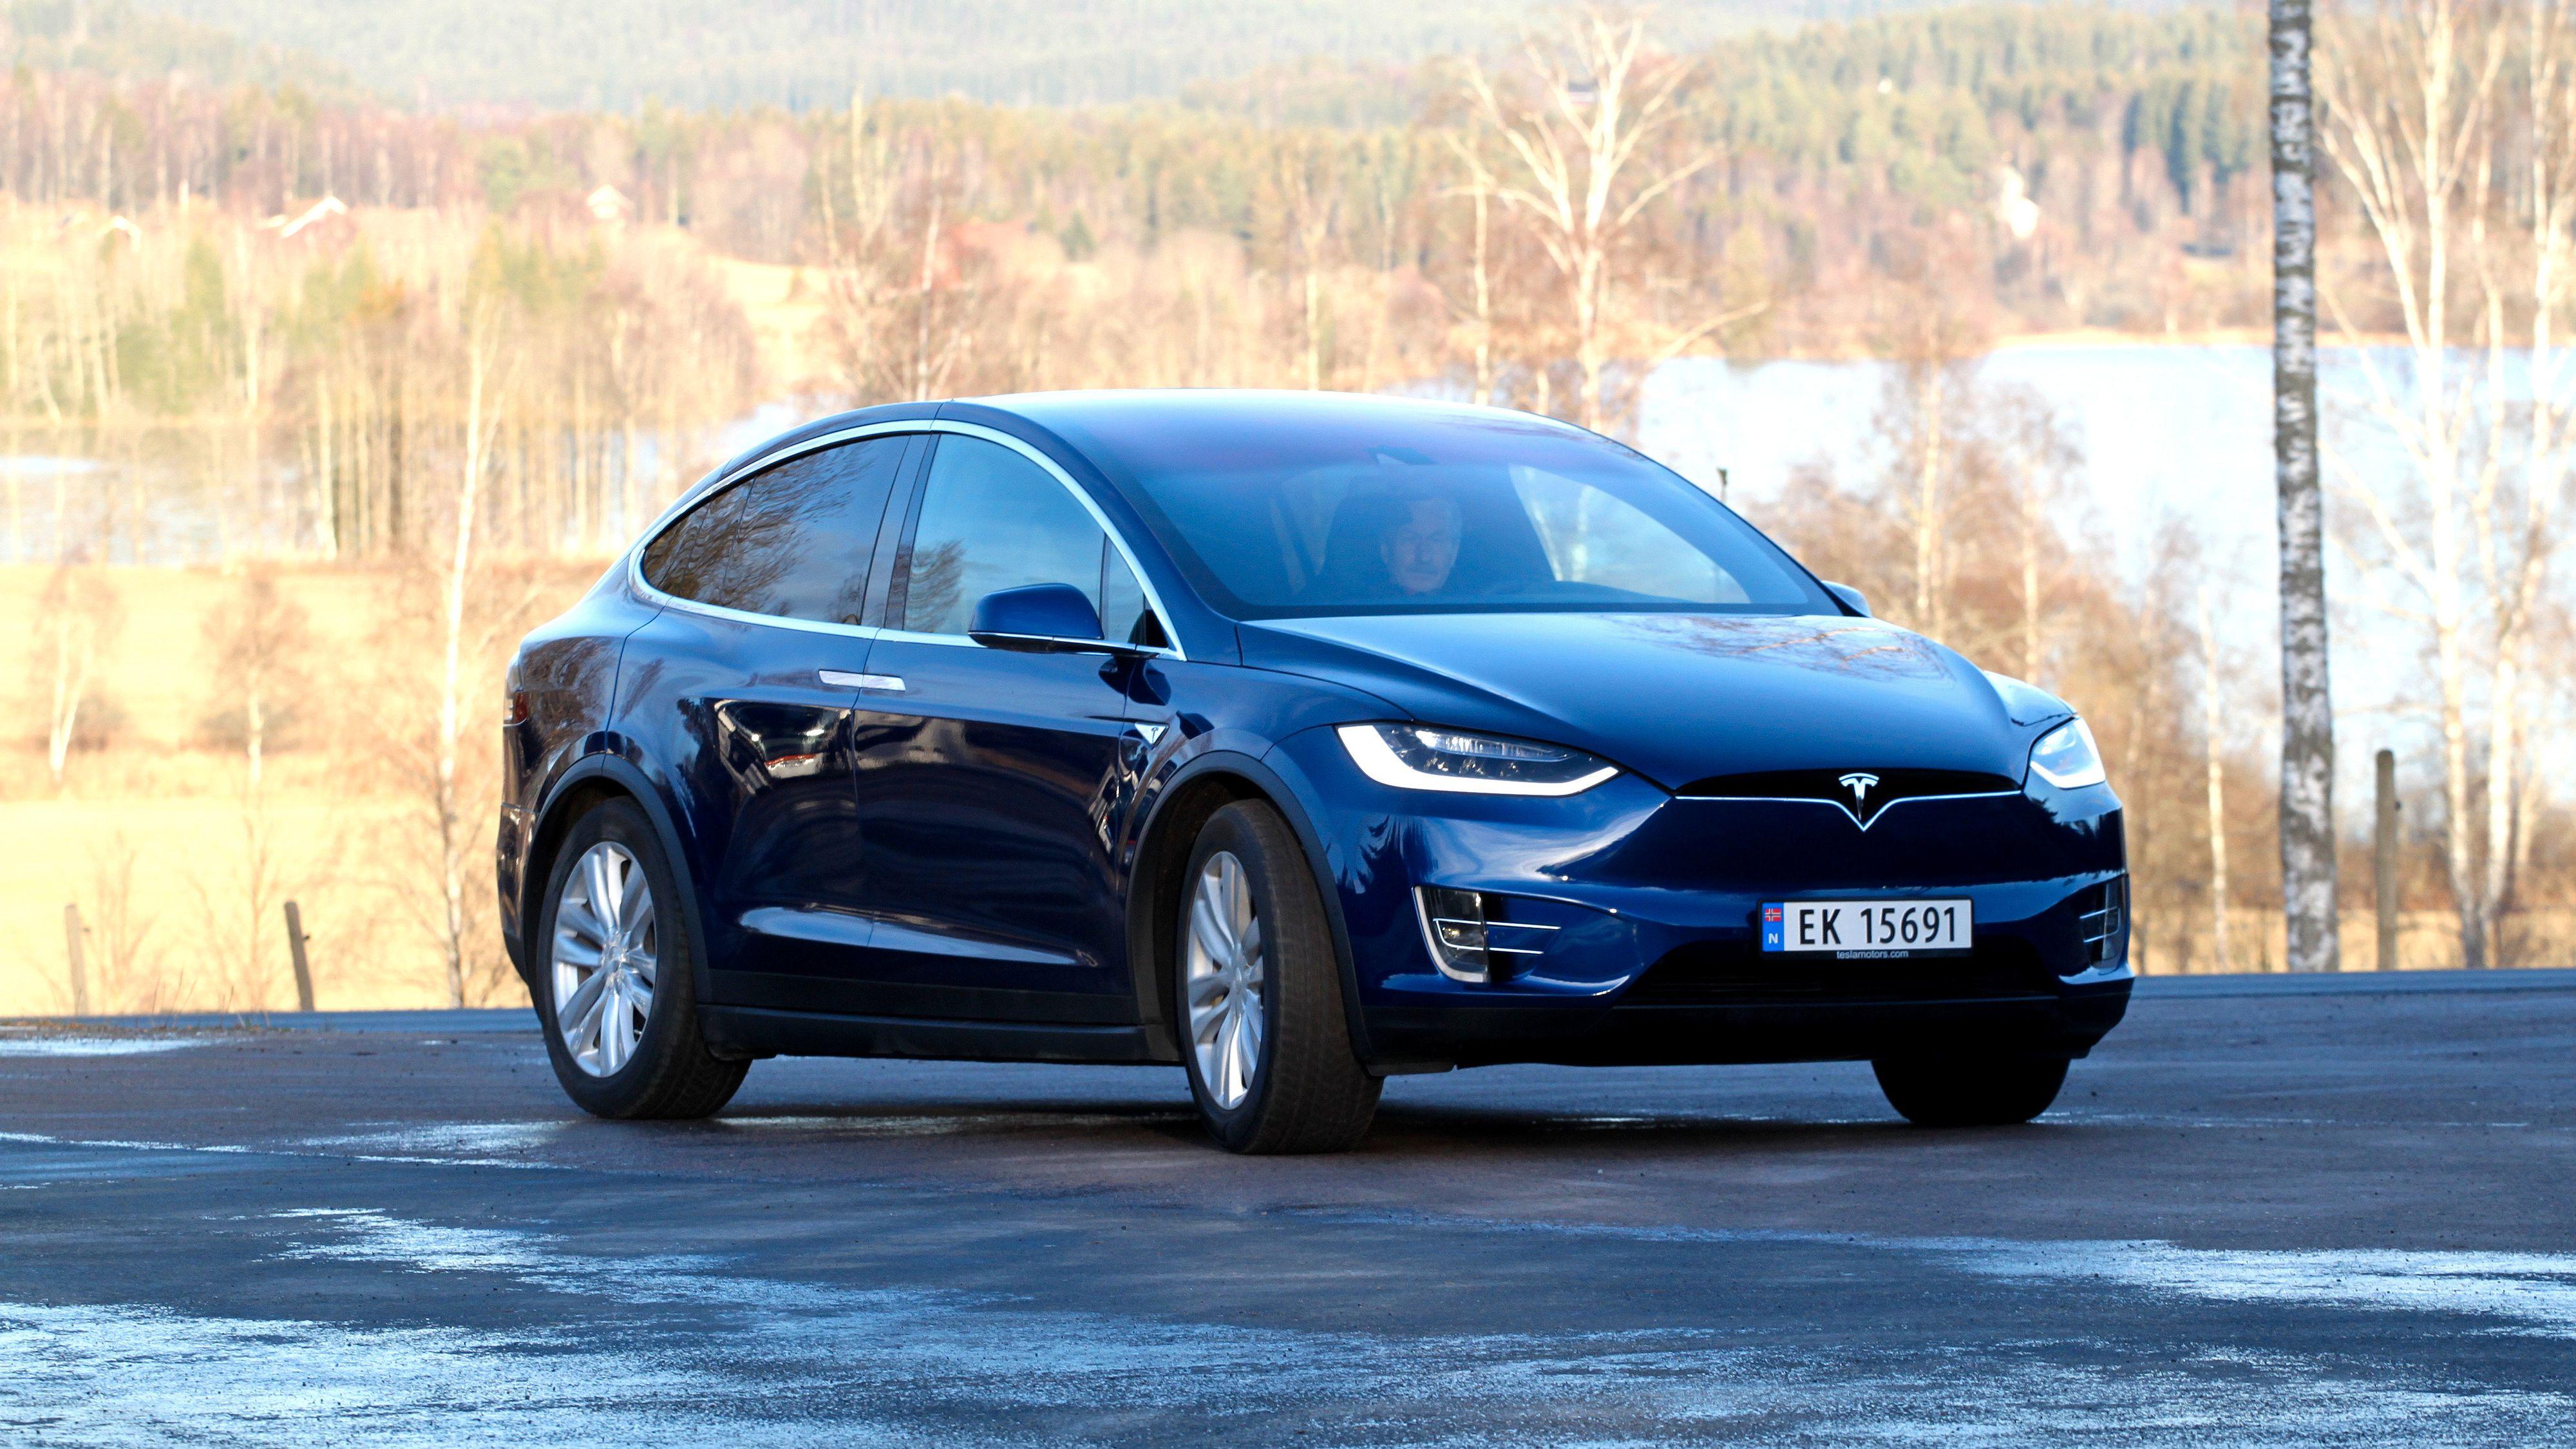 Tesla slaktes av Forbrukerrådet i ny kåring